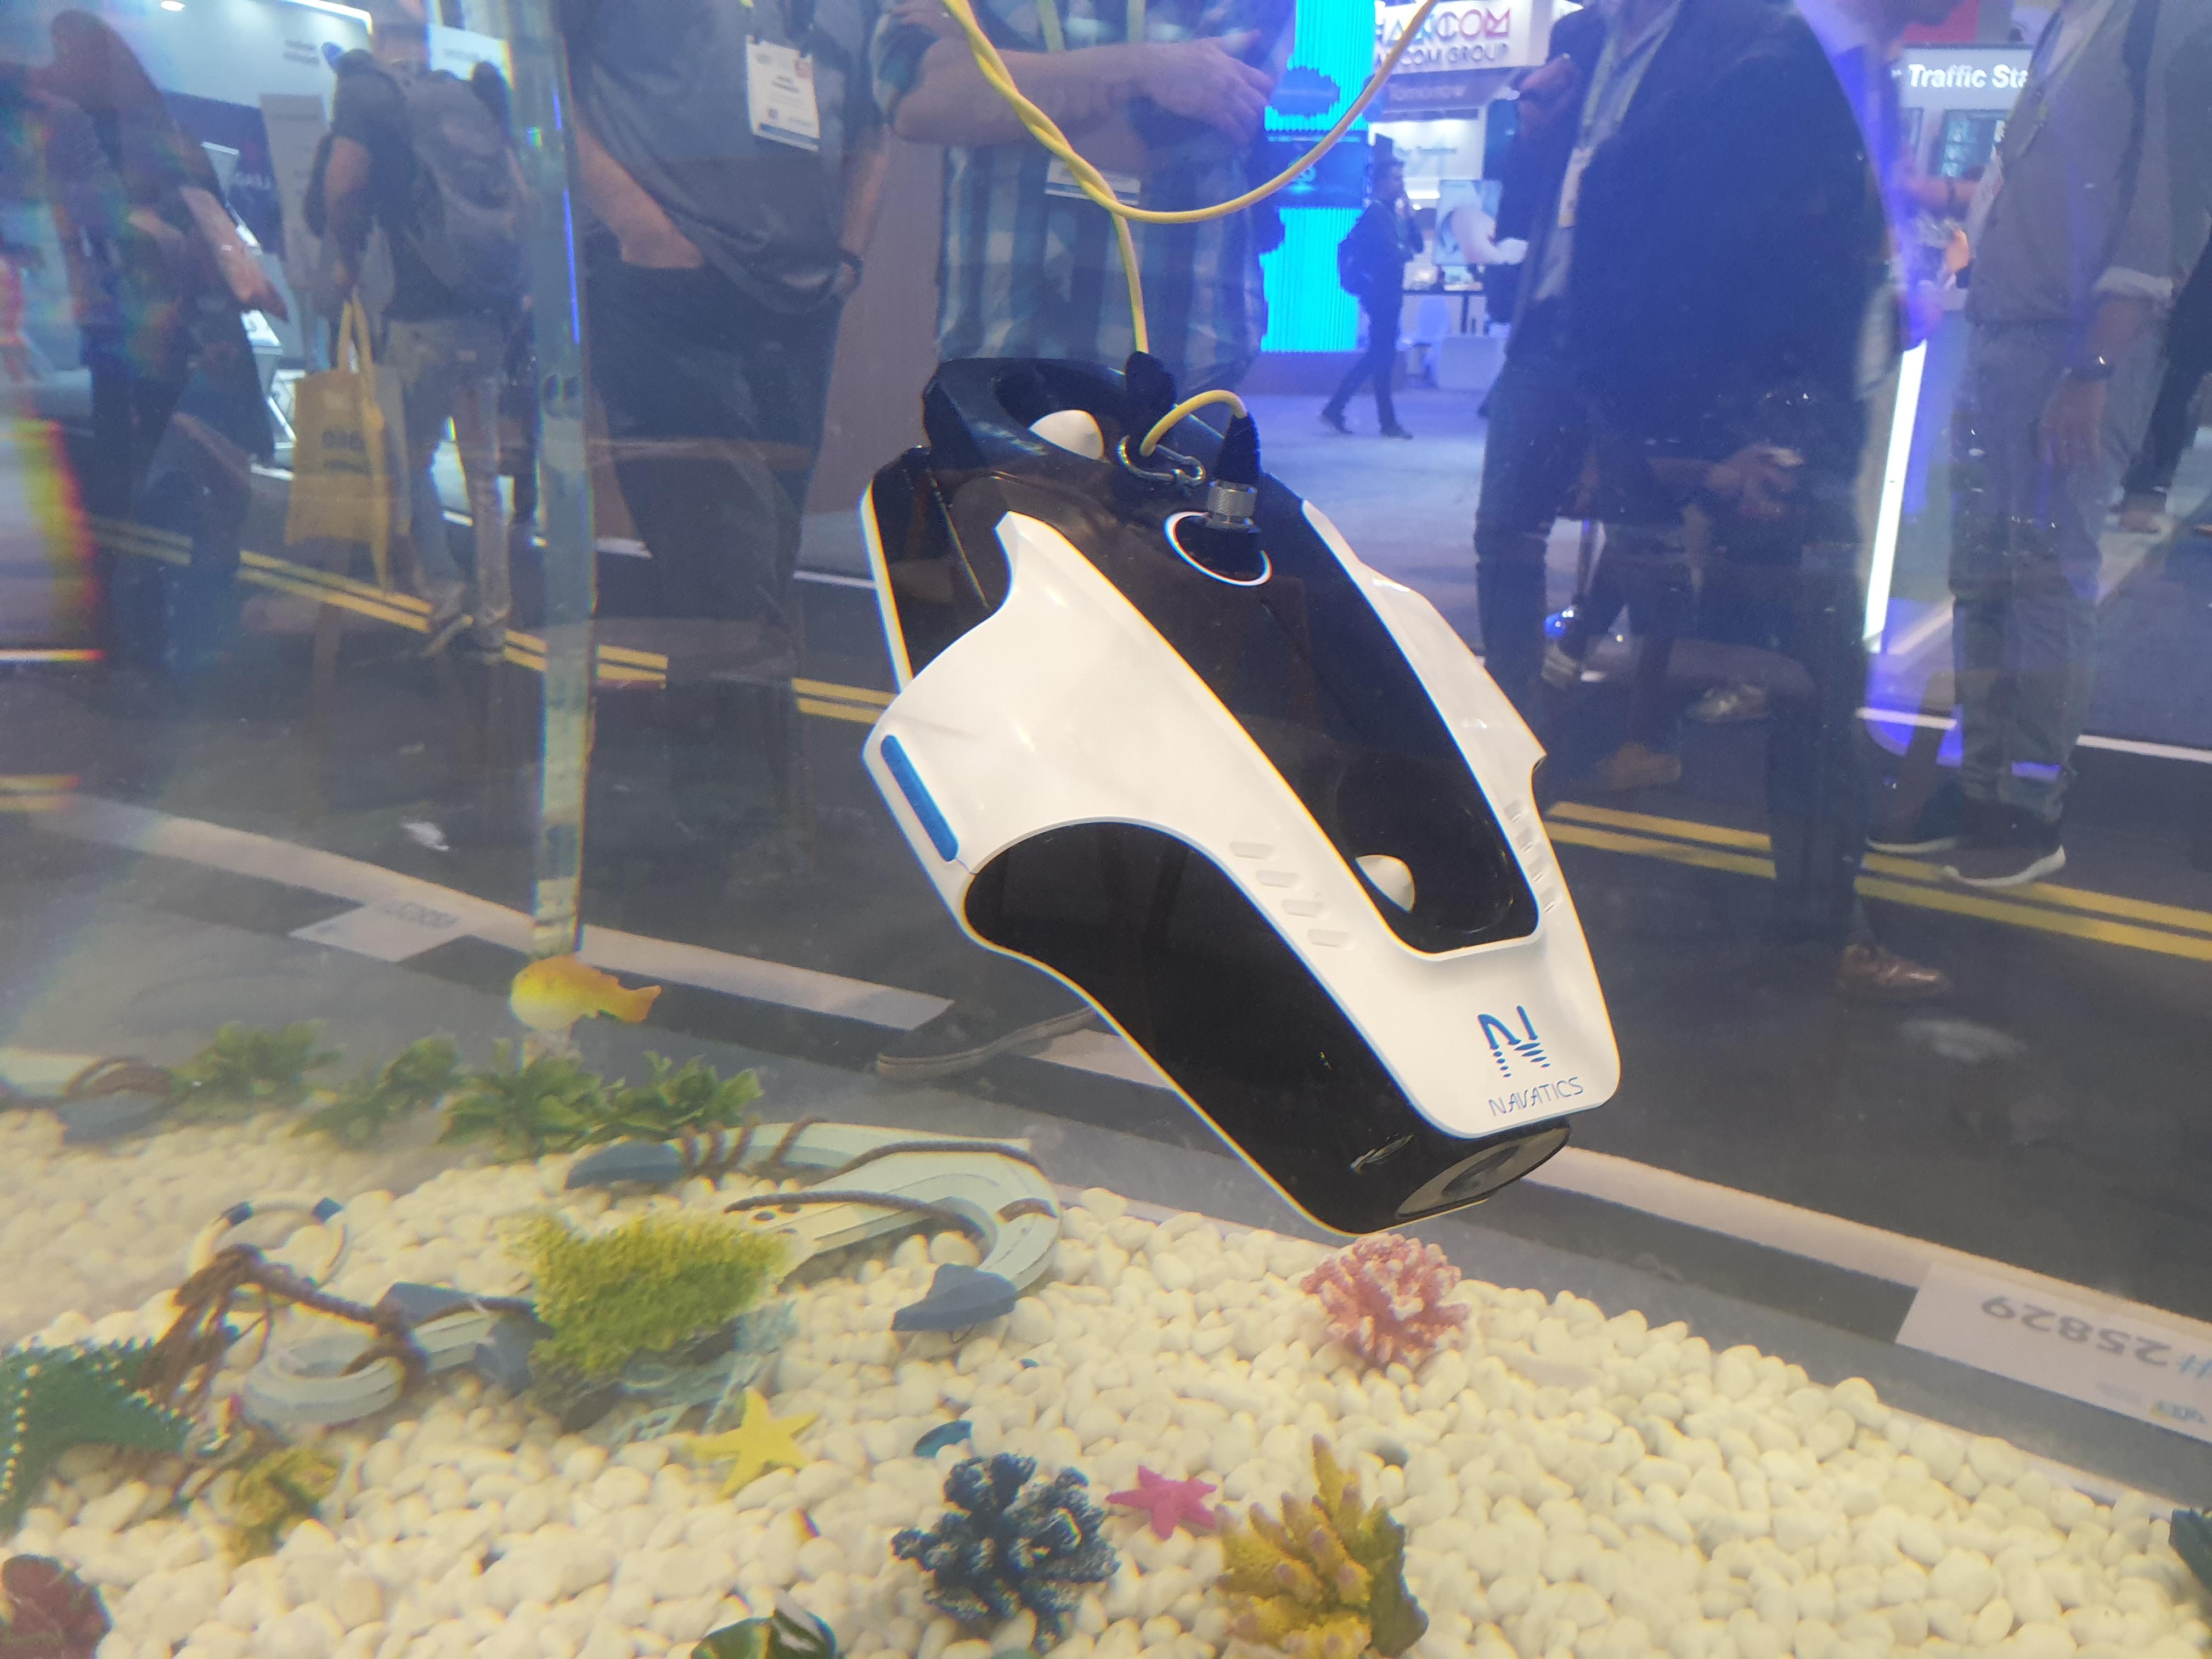 Vidéo 4K et excellente stabilisation : ce drone sous-marin est impressionnant